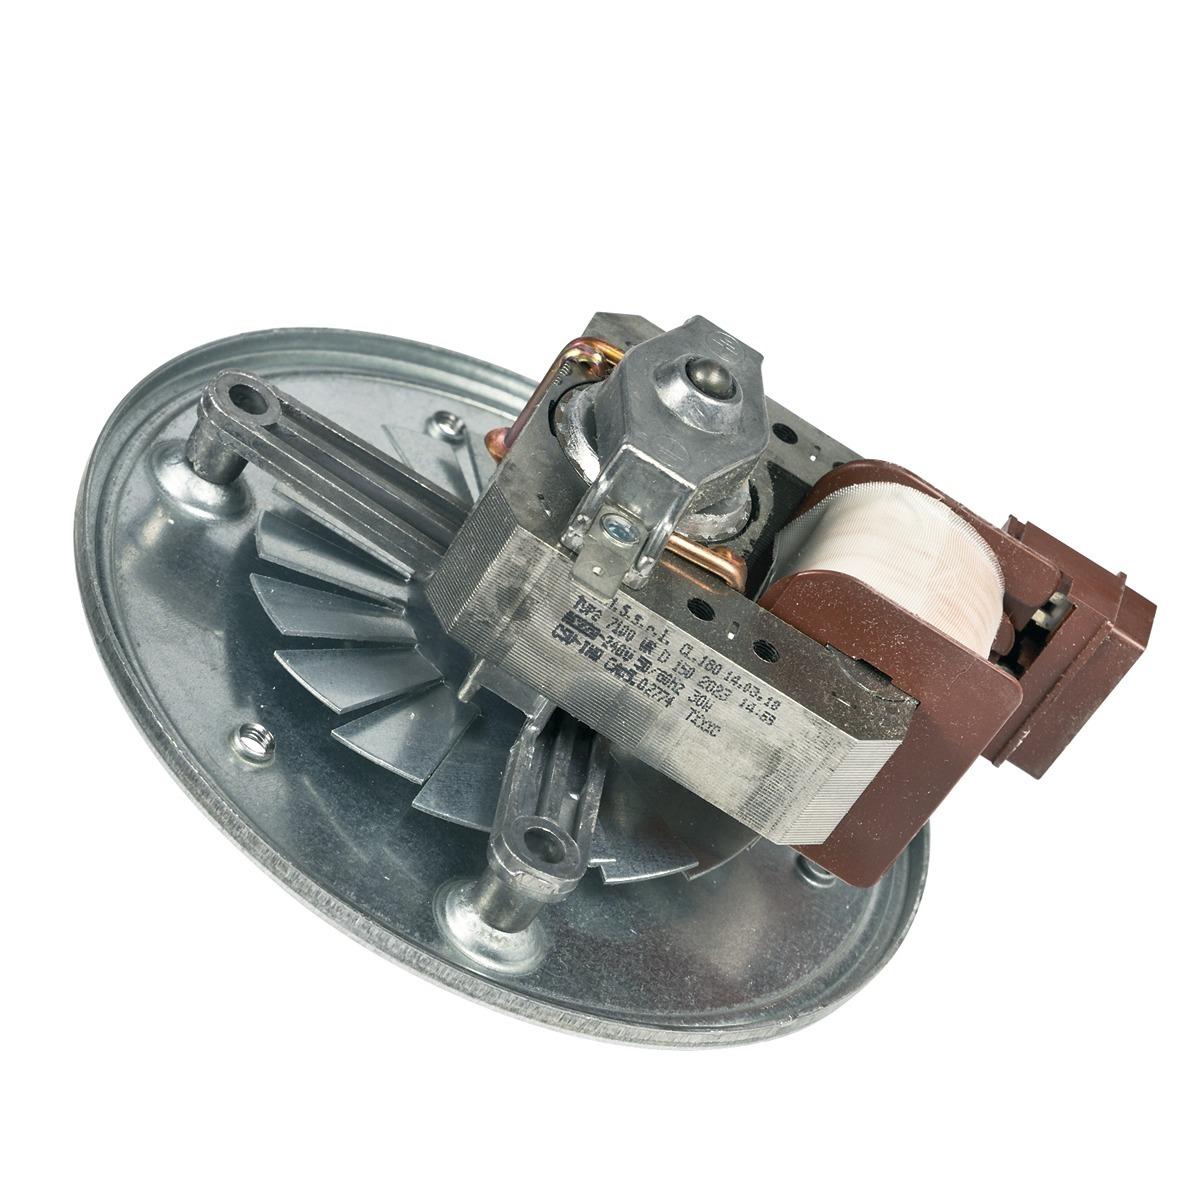 Heißluftventilator universal 30W 220//240V mit Flügel für Backofen Herd